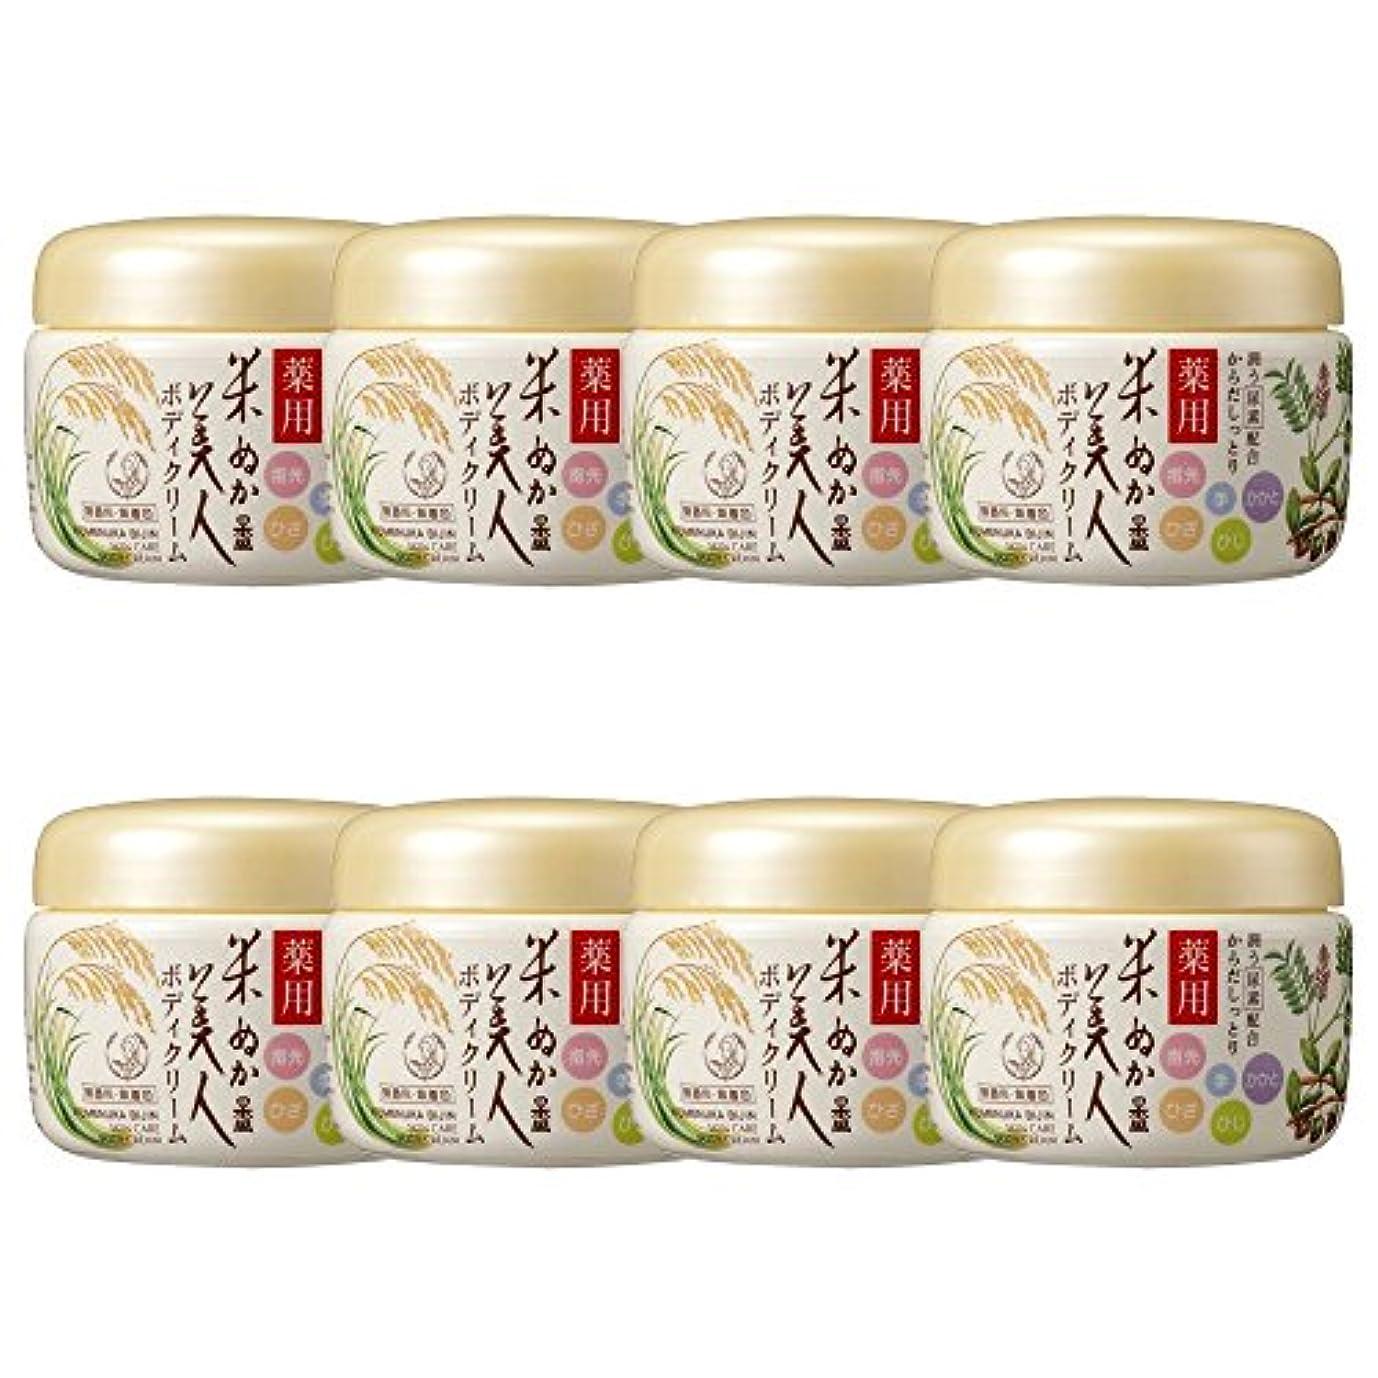 ピービッシュ治世無声で【セット】米ぬか美人 薬用ボディクリーム 140g ×8個